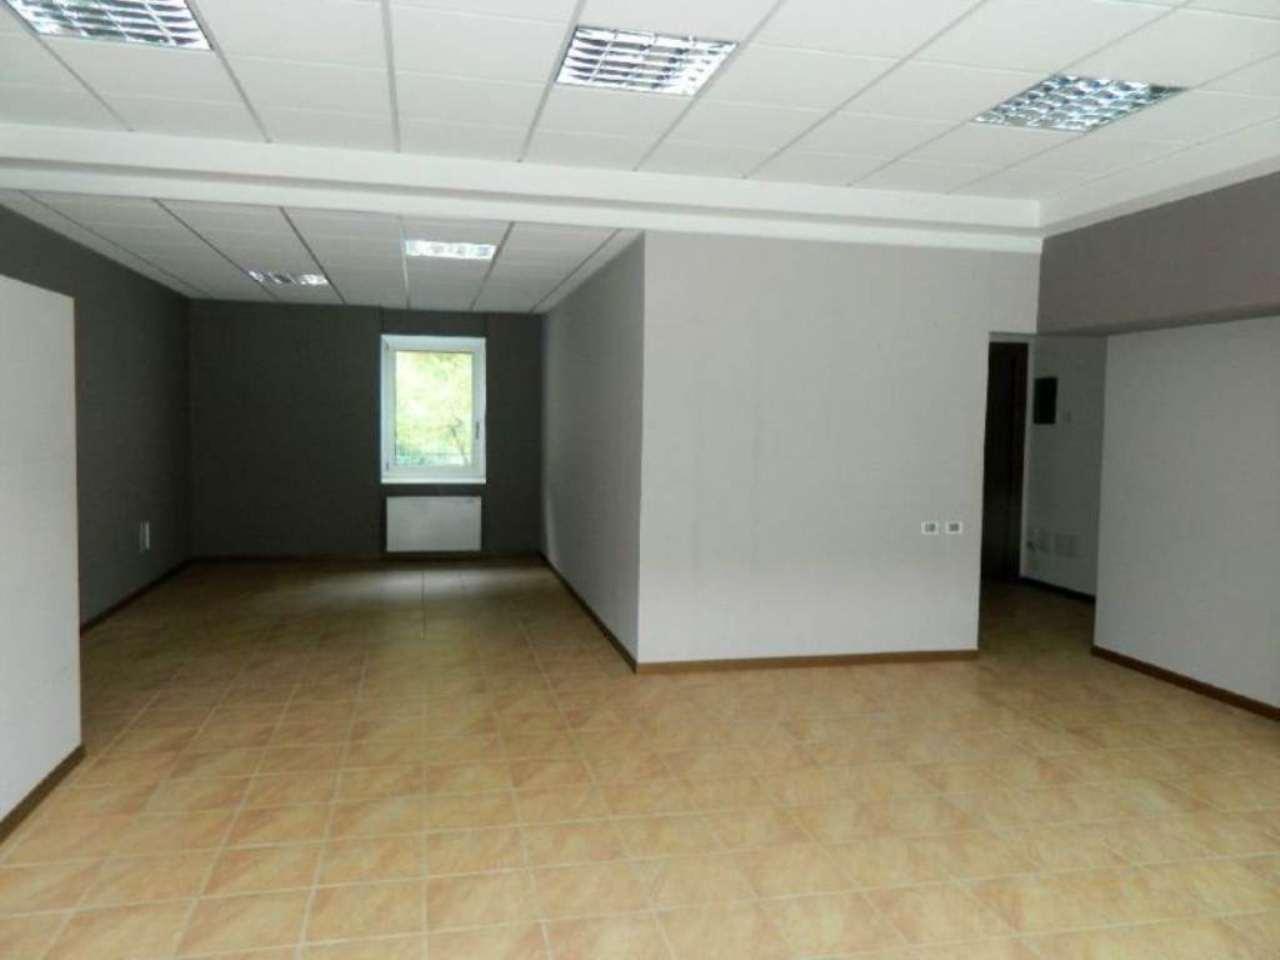 Ufficio / Studio in affitto a Sondrio, 3 locali, prezzo € 700 | CambioCasa.it